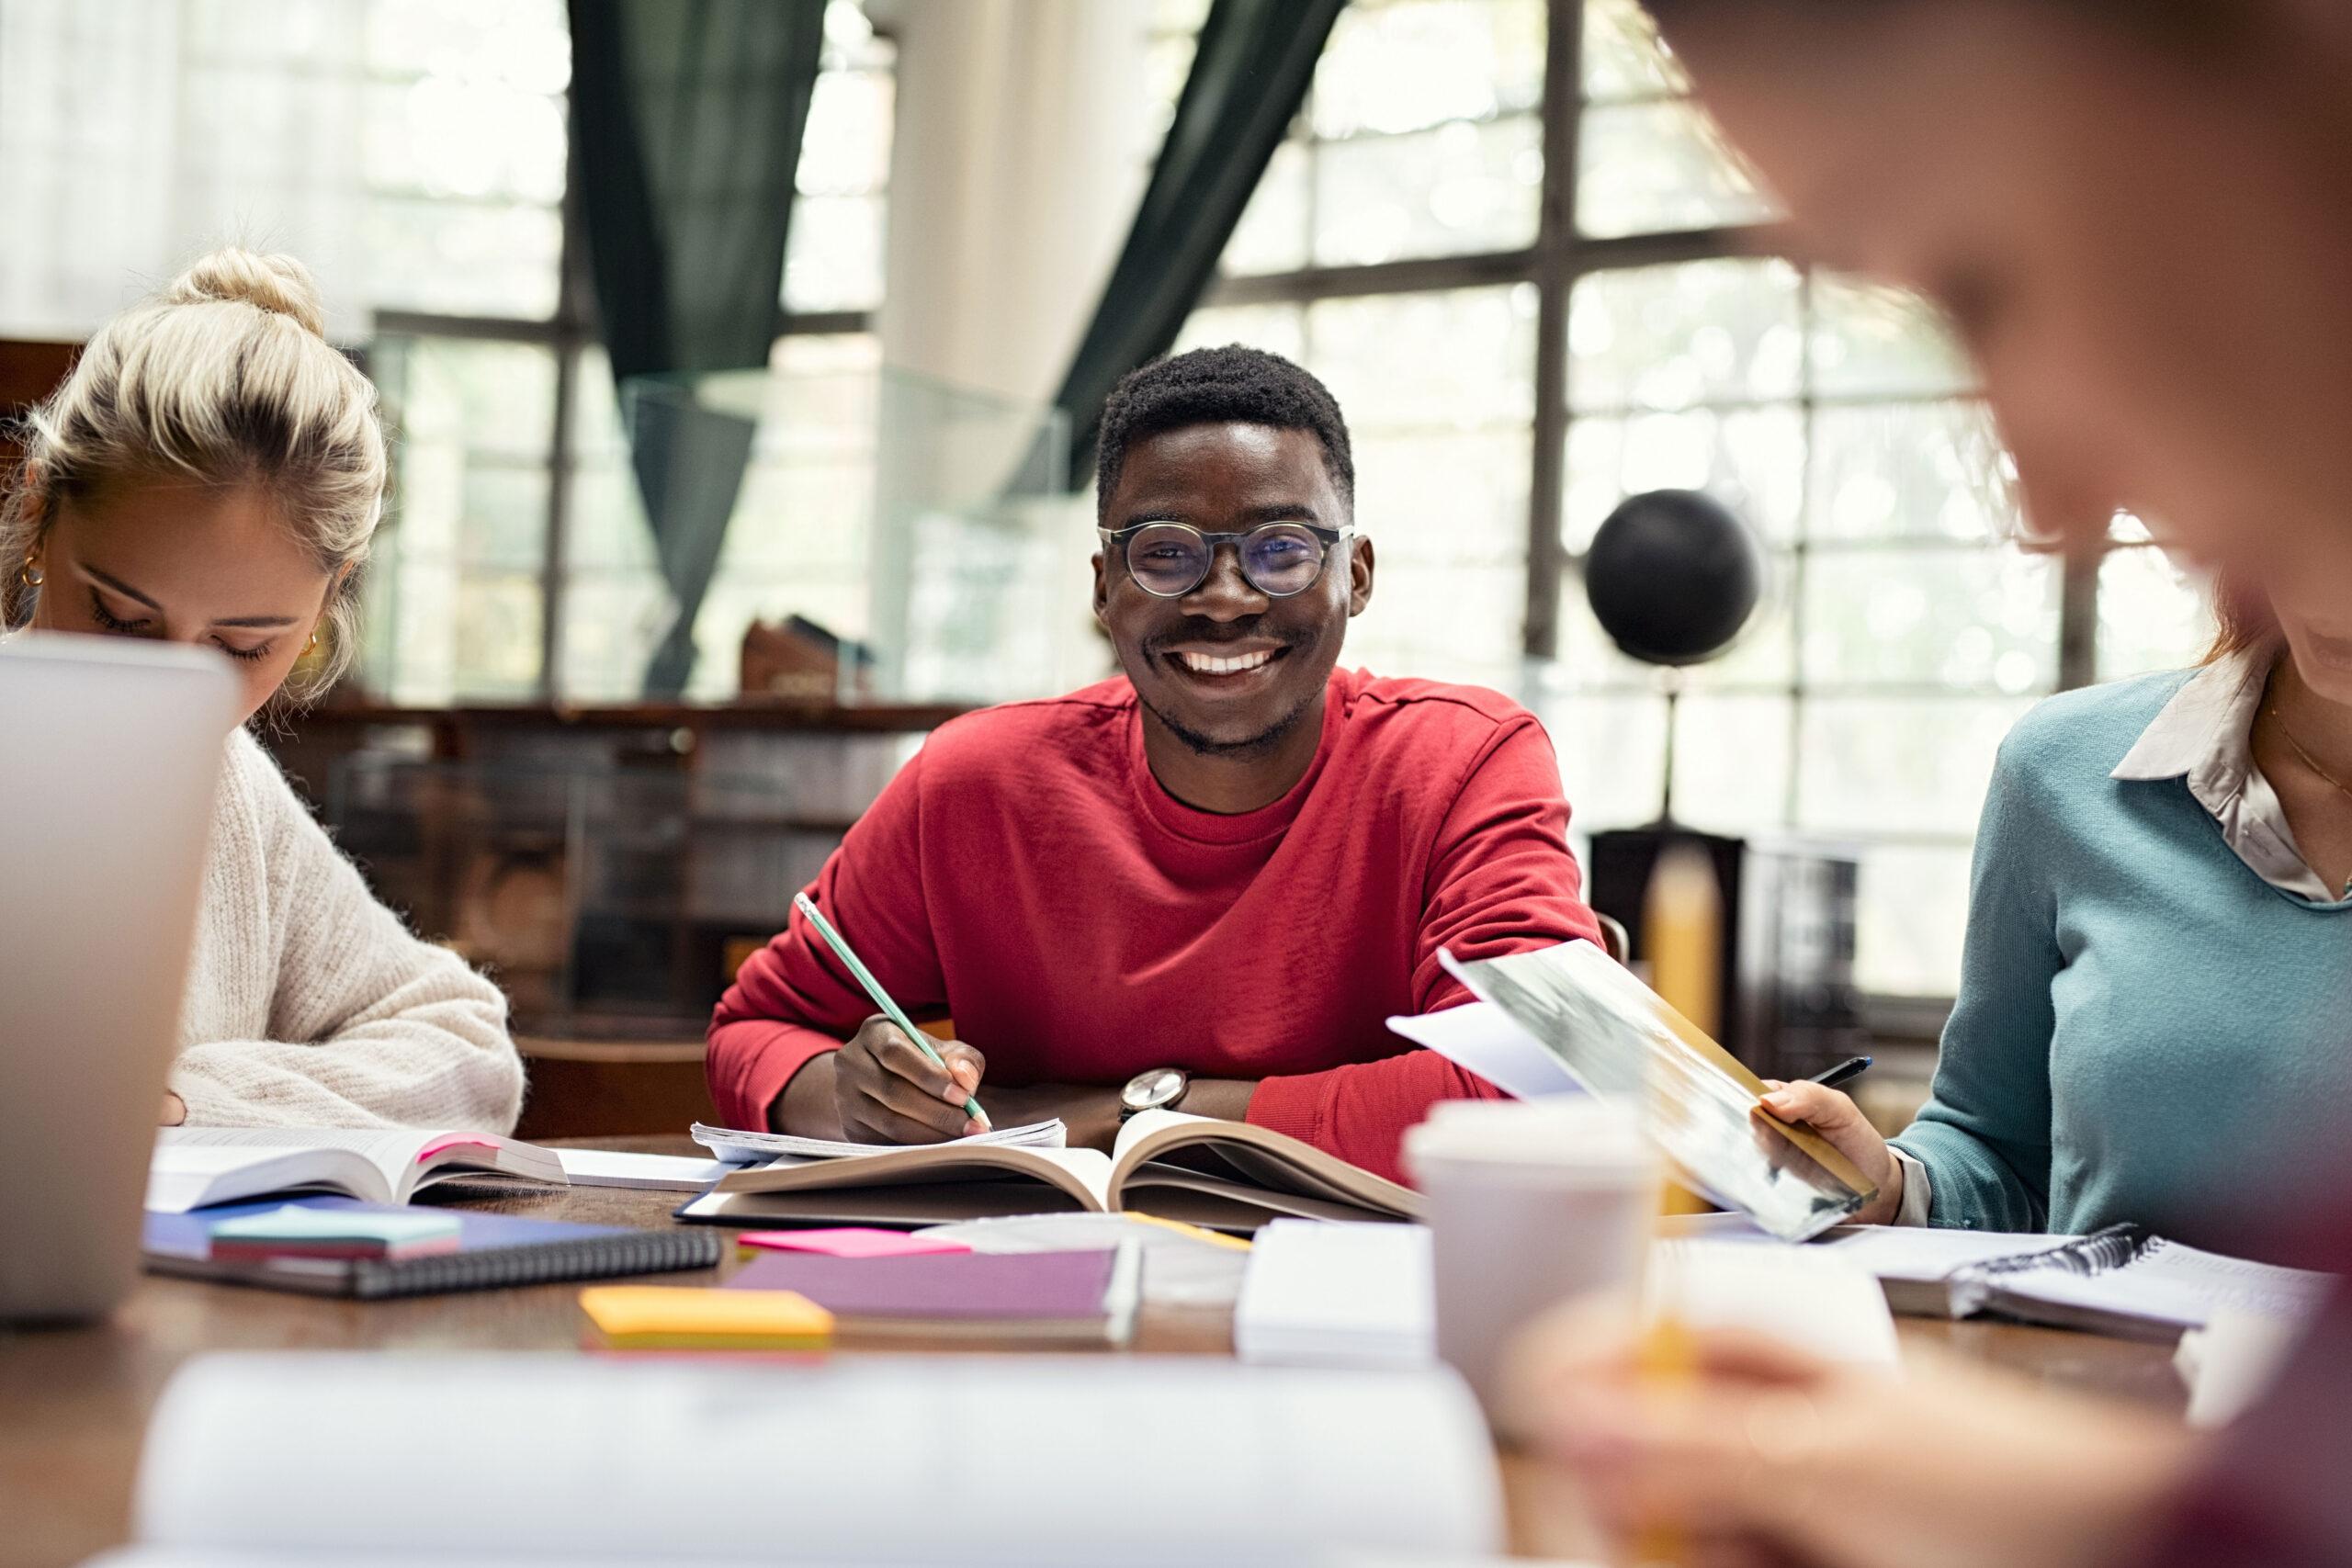 Hvordan faa bedre karakterer studietips lesetips utdanning